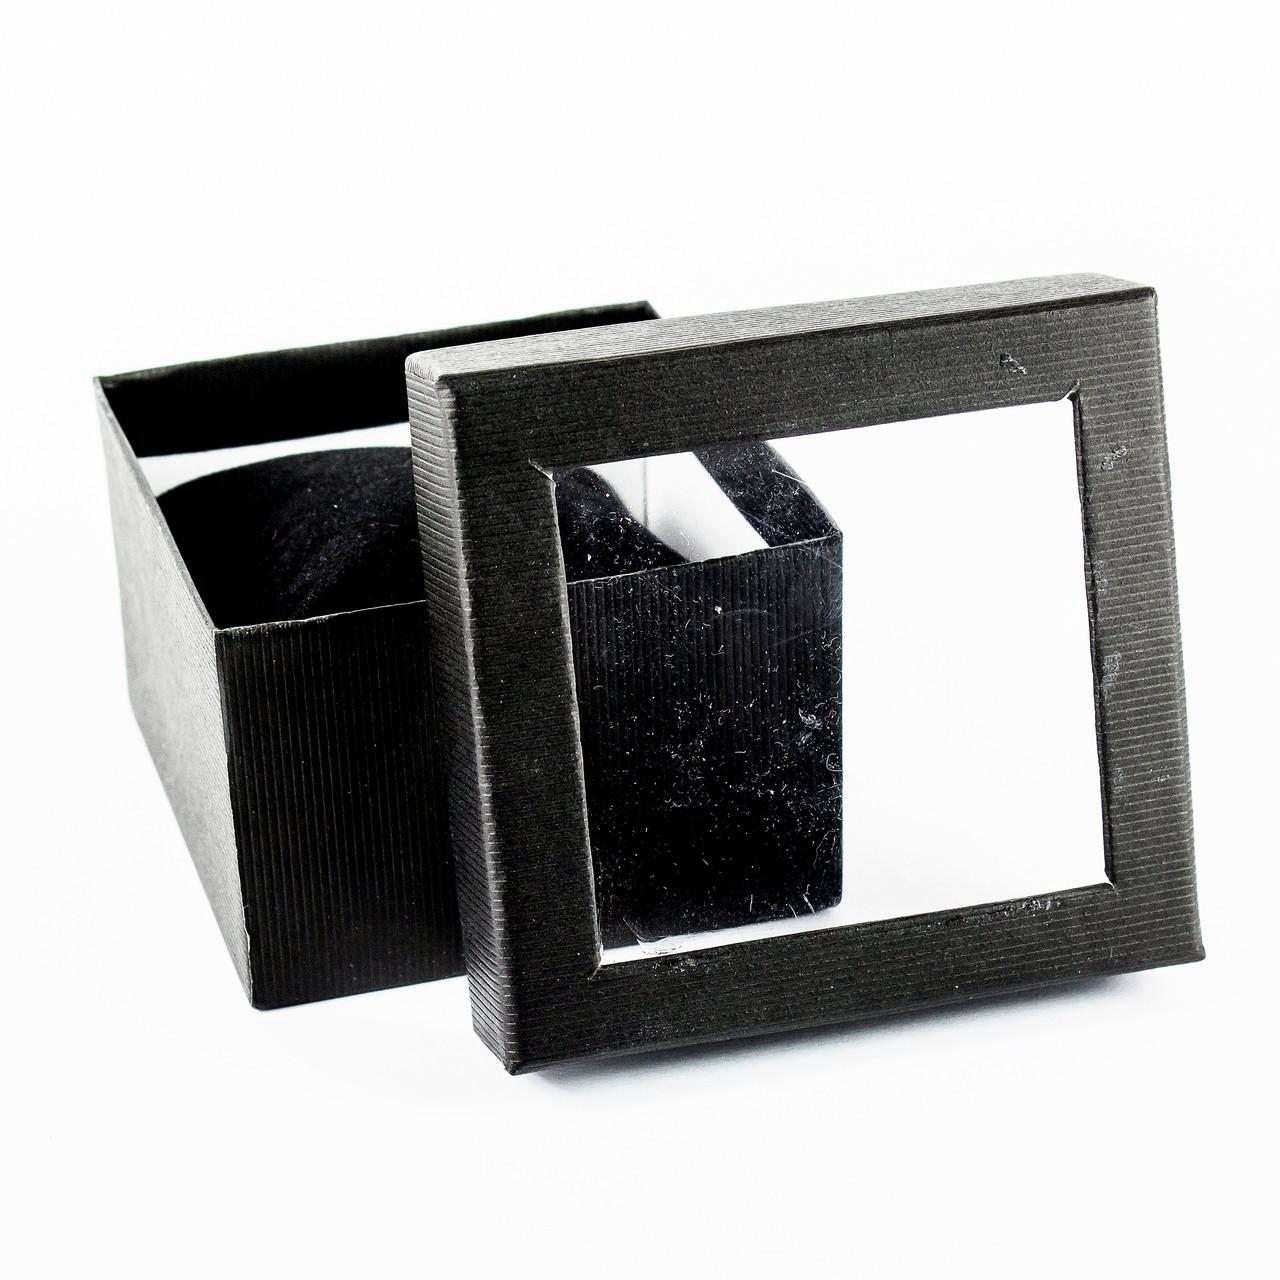 Подарочная коробка для часов или браслета с окошком черная 9 x 9 x 6 см